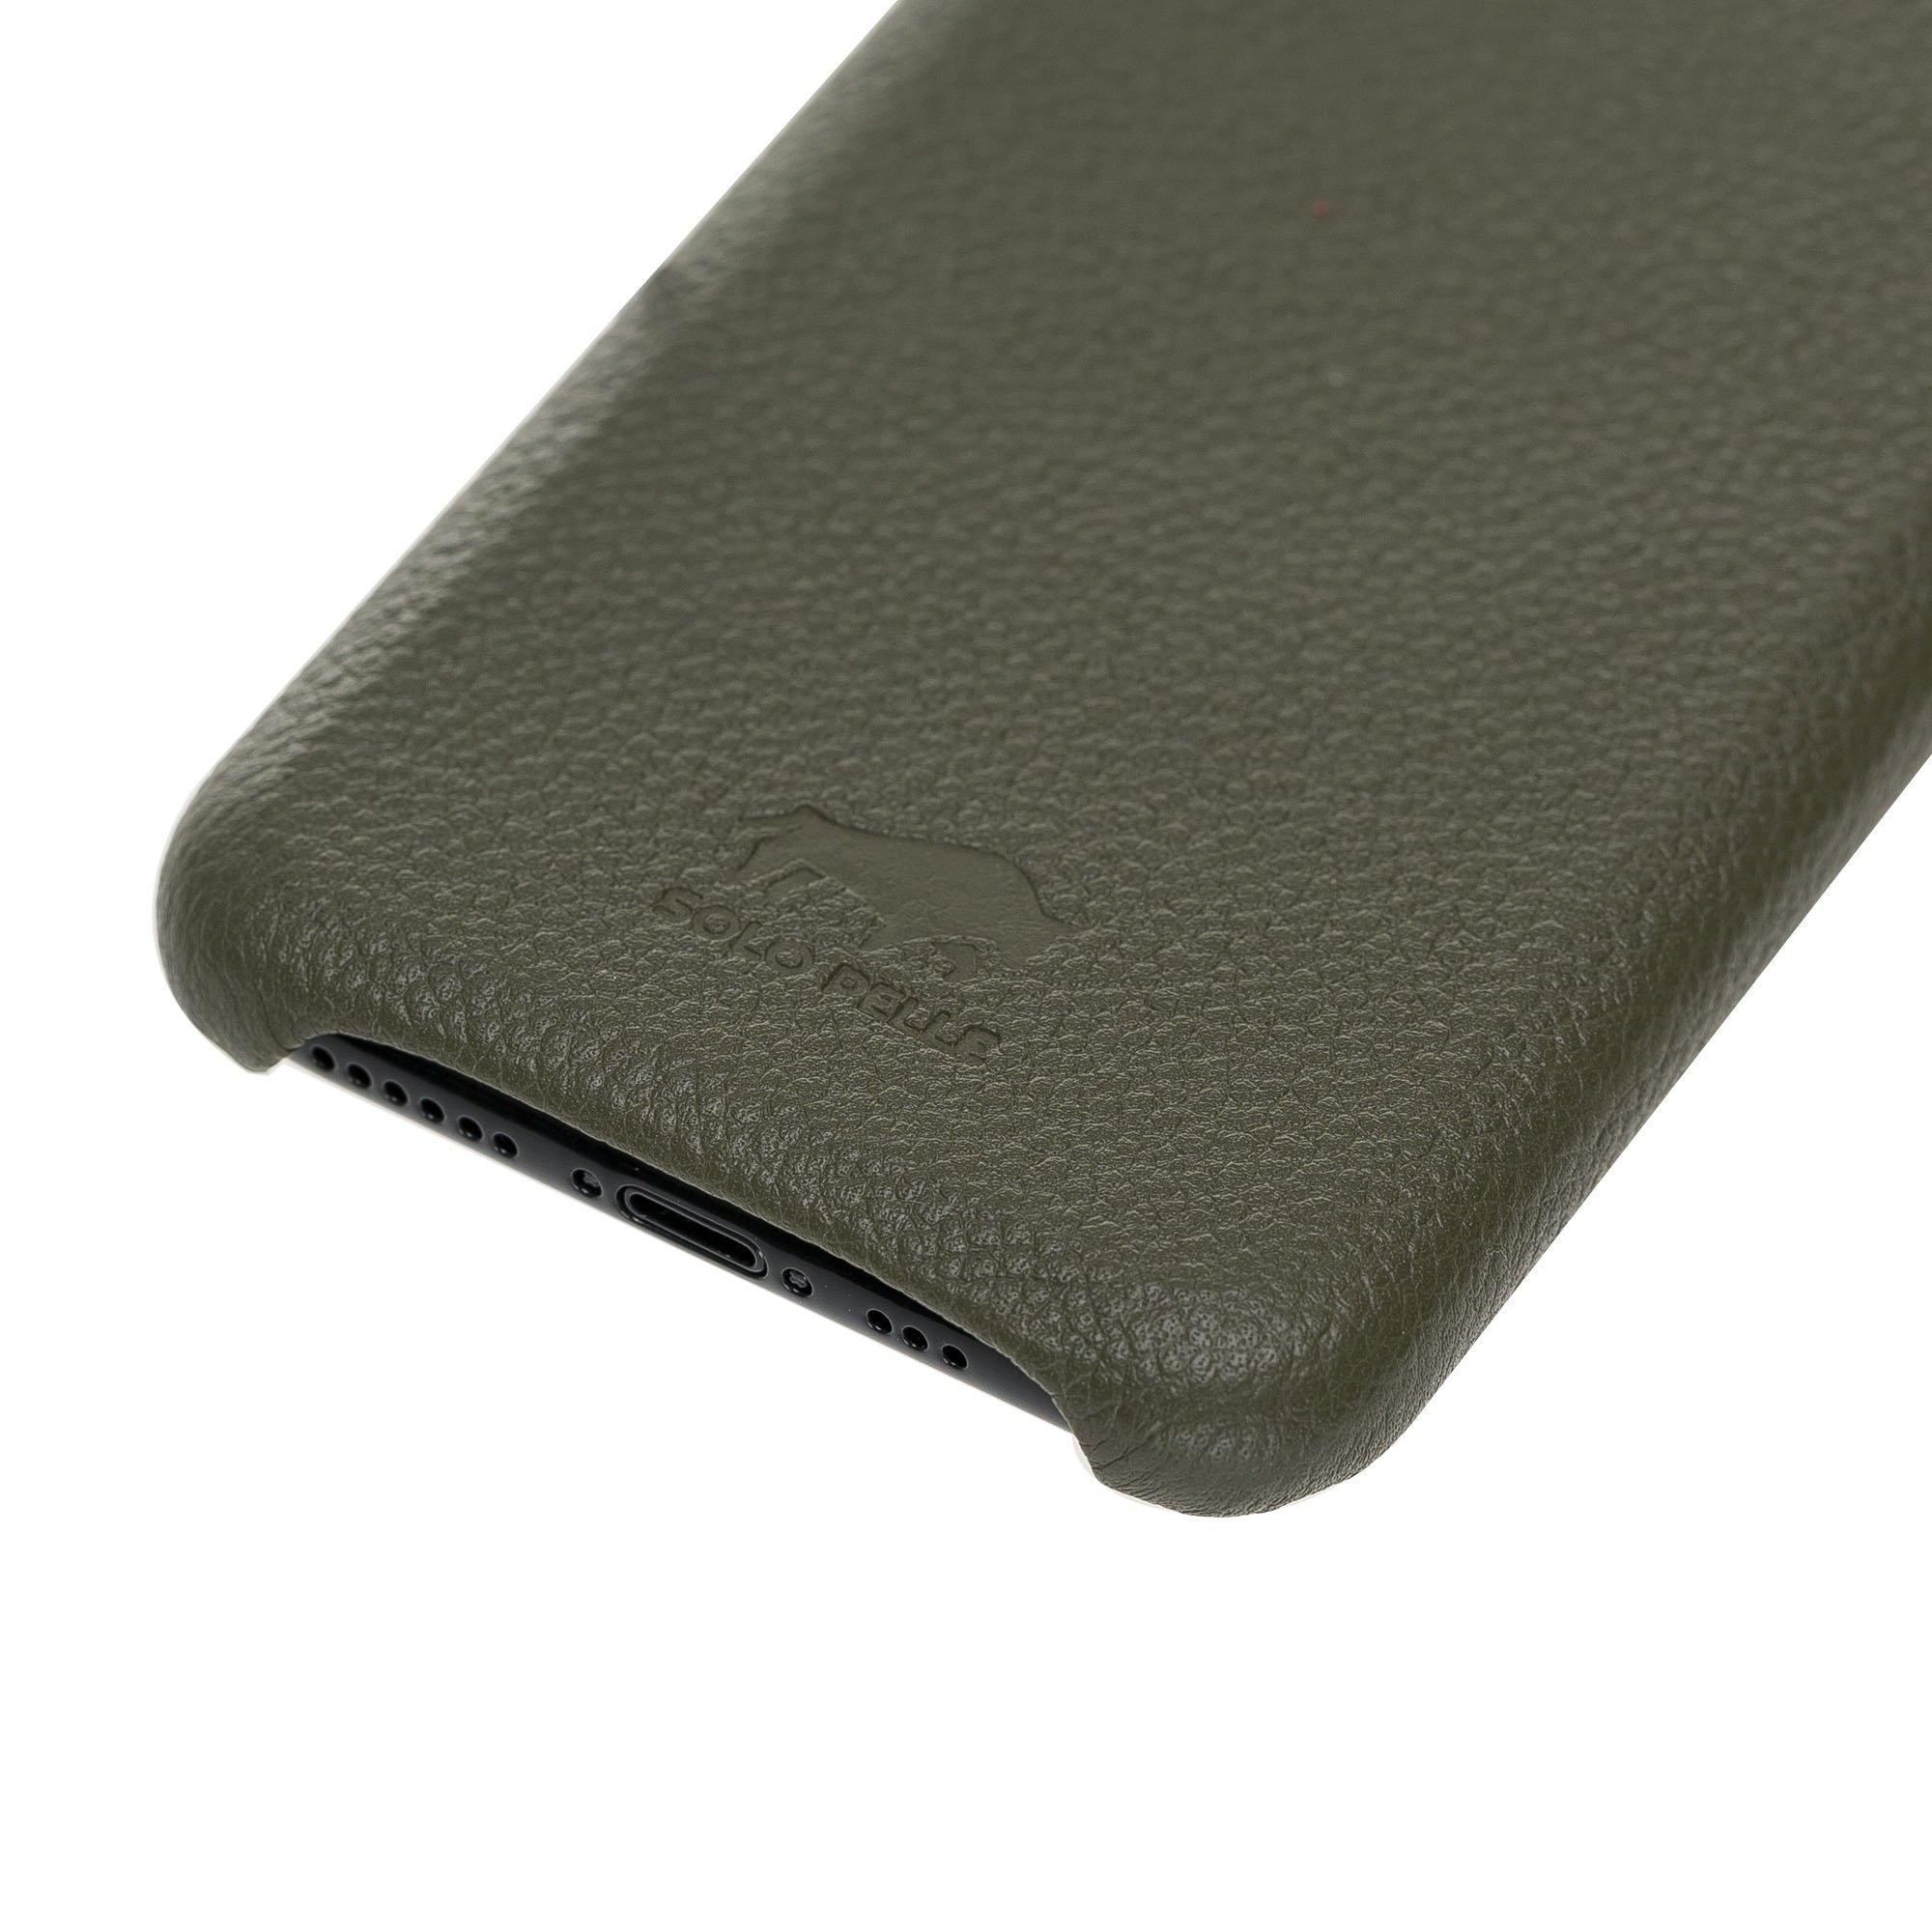 Solo Pelle Lederhülle für das iPhone 11 Pro in 5.8 Zoll Stanford (Nachtgrün)